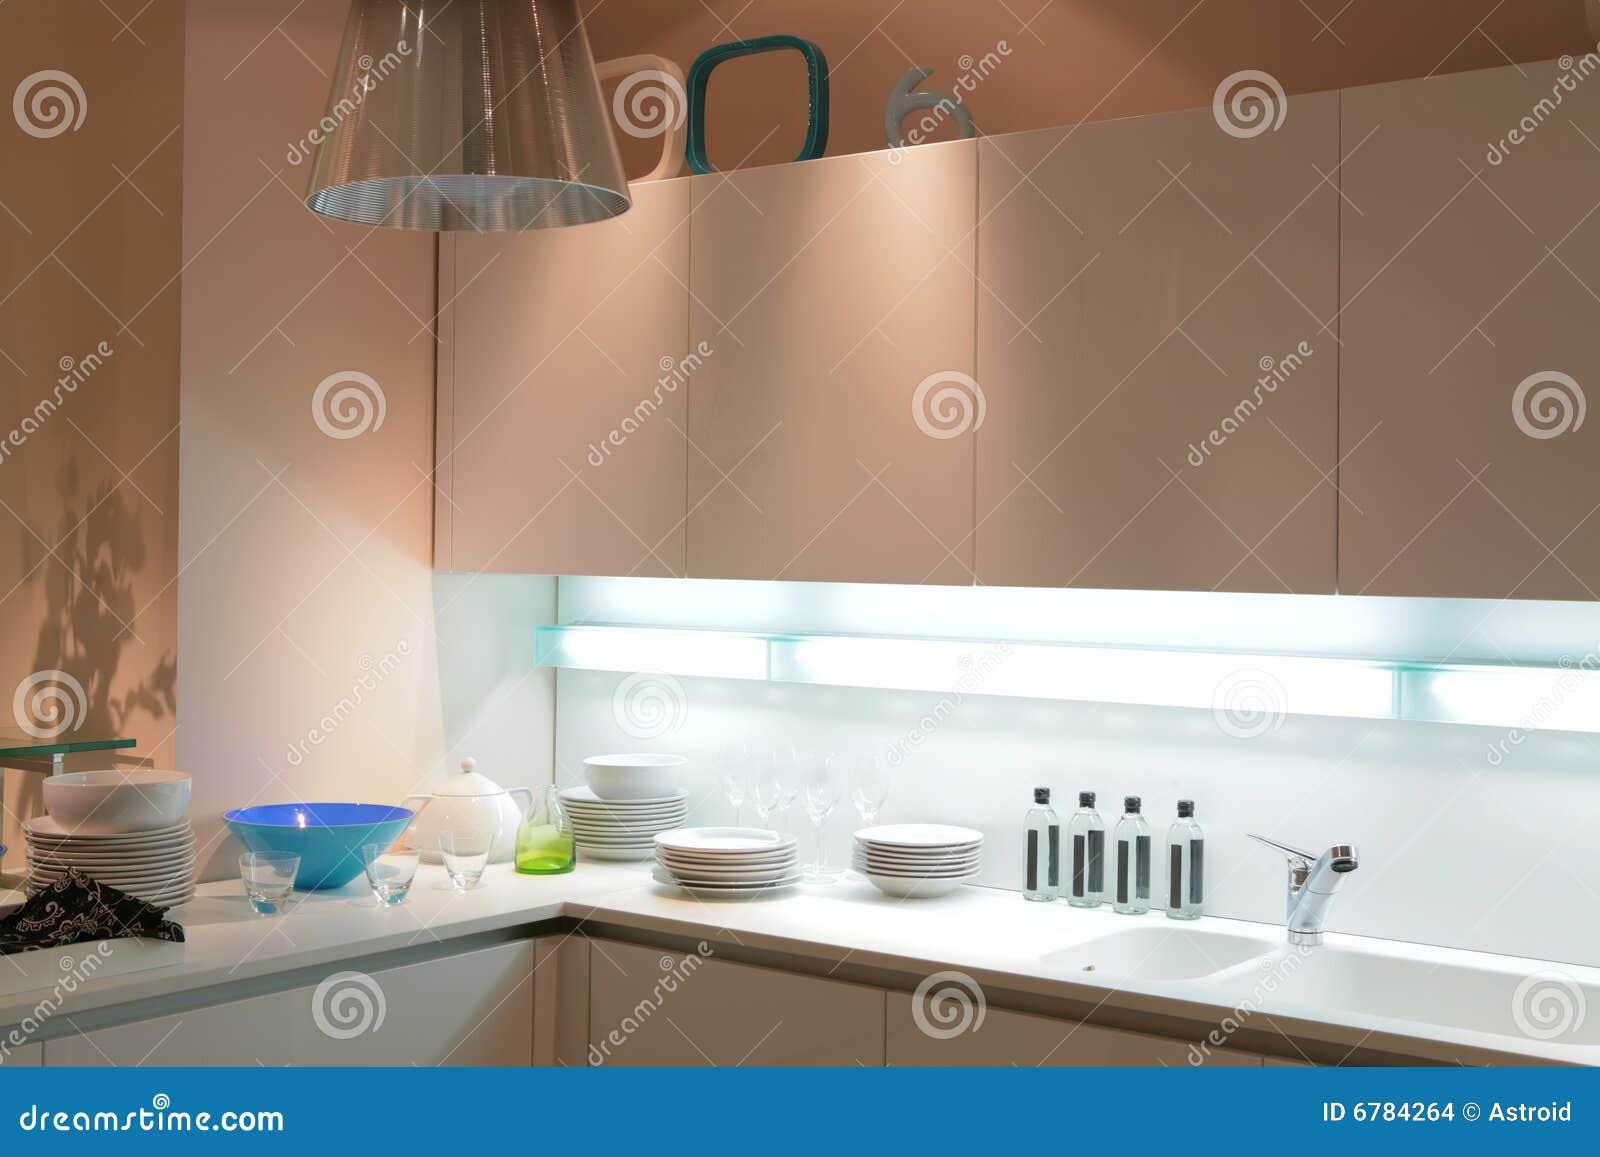 Moderne Beige Keuken Stock Afbeeldingen - Afbeelding: 6784264